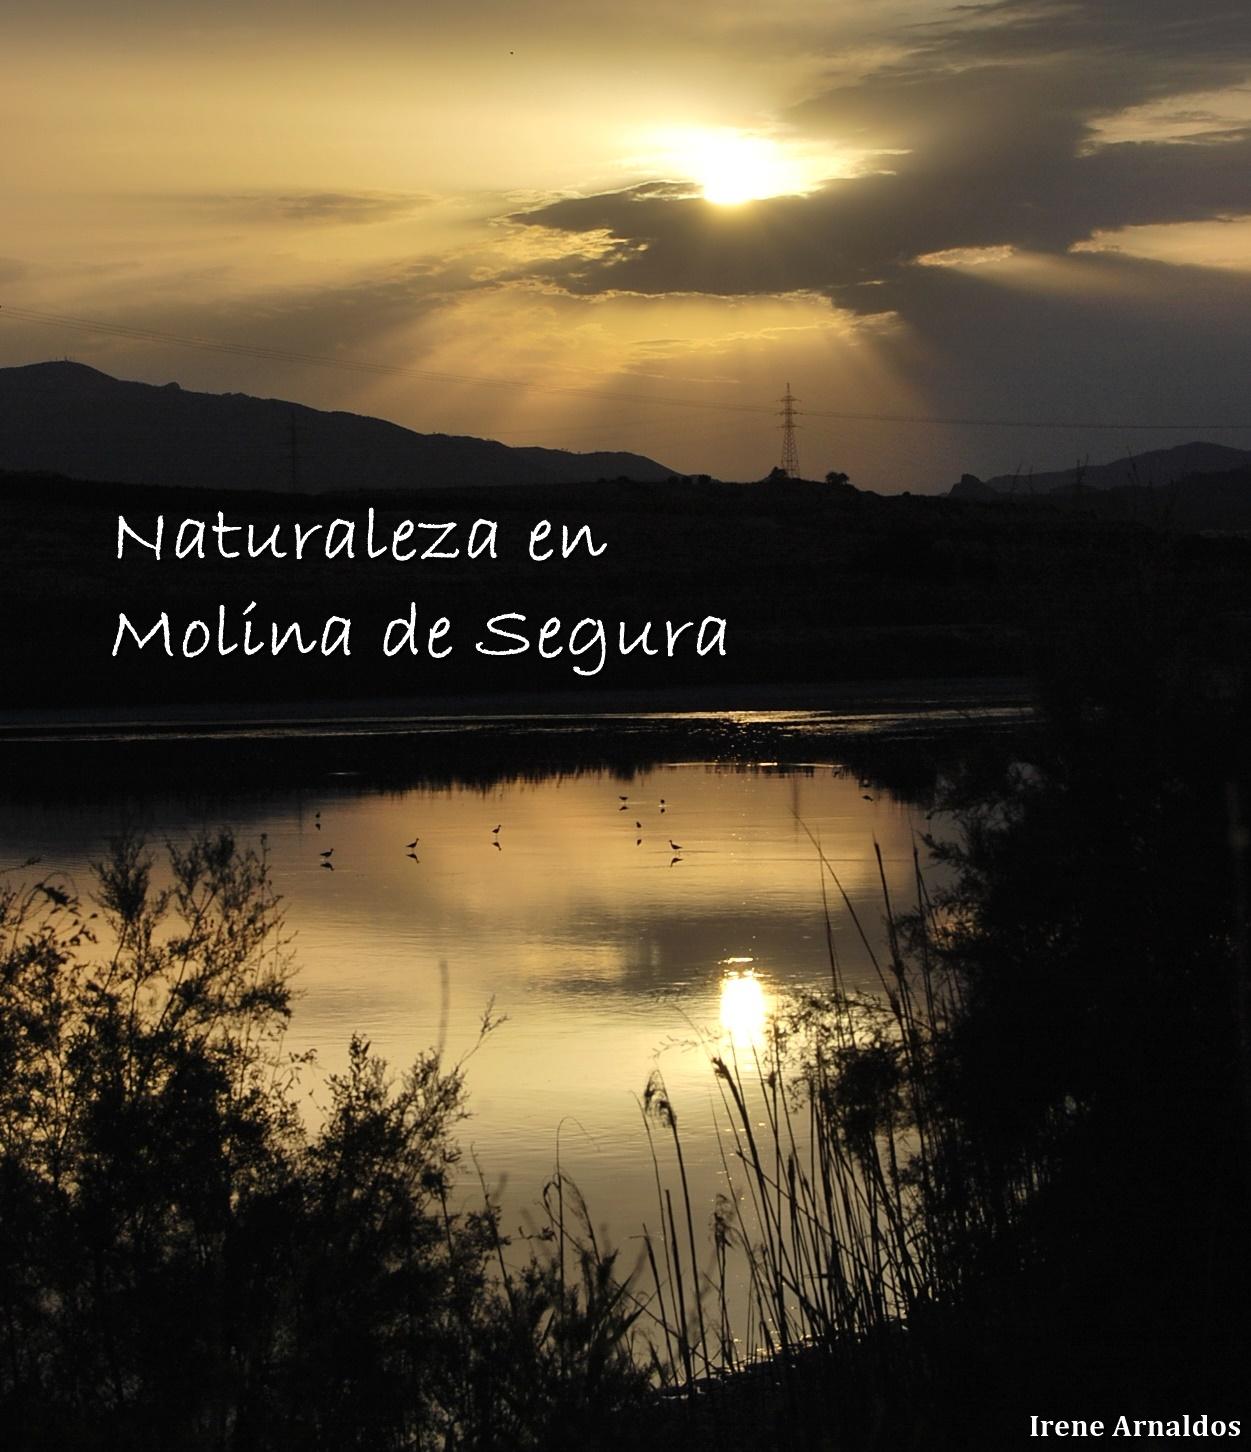 Naturaleza en Molina de Segura en Facebook